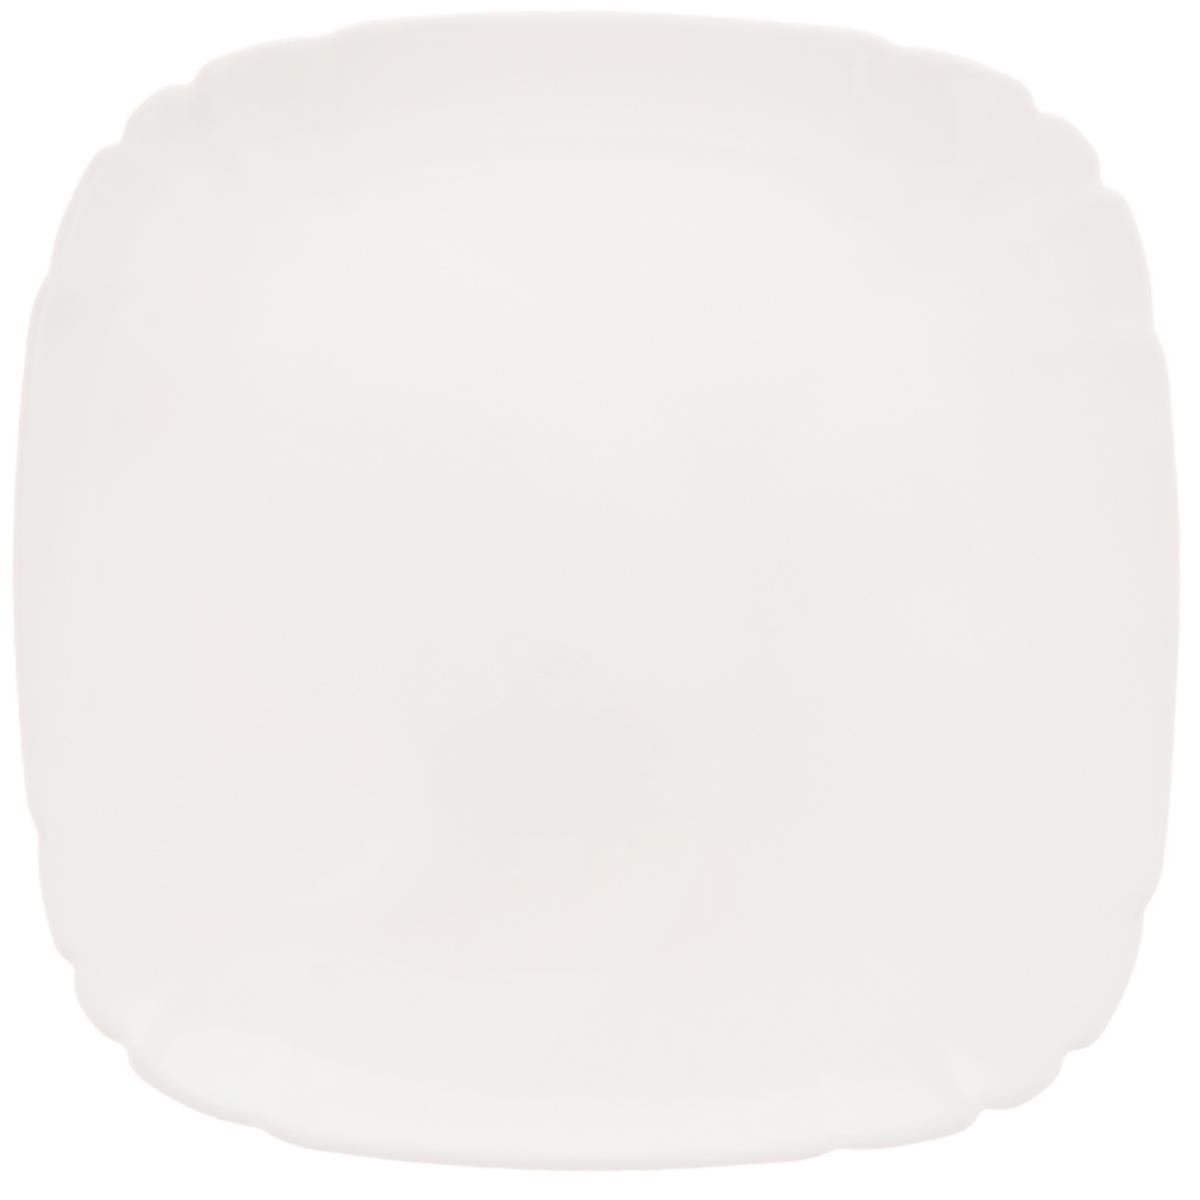 Тарелка десертная Luminarc Lotusia, 20,5 х 20,5 смОБЧ00000454_коричневый/розовые цветочкиДесертная тарелка Luminarc Lotusia выполнена из высококачественного стекла. Изделие сочетает в себе изысканный дизайн с максимальной функциональностью. Она прекрасно впишется в интерьер вашей кухни и станет достойным дополнением к кухонному инвентарю. Десертная тарелка Luminarc Lotusia подчеркнет прекрасный вкус хозяйки и станет отличным подарком. Размер тарелки (по верхнему краю): 20,5 х 20,5 см. Высота стенки: 1,7 см.